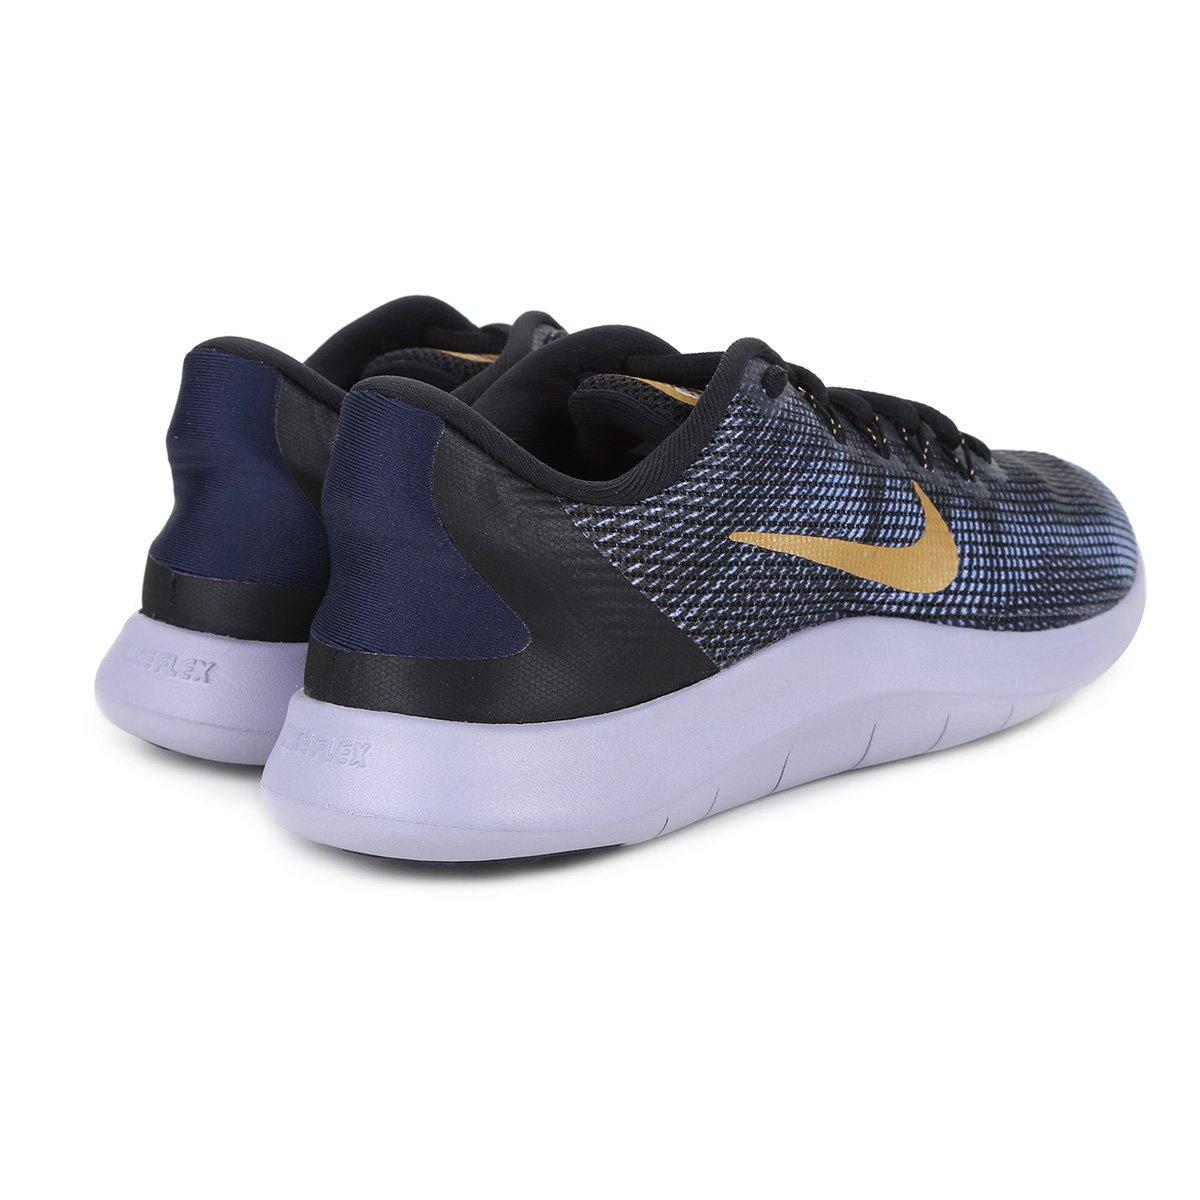 ... Tênis Nike Wmns Flex 2018 Rn Feminino - Preto e Dourado - Compre . 7f182da2a33d2